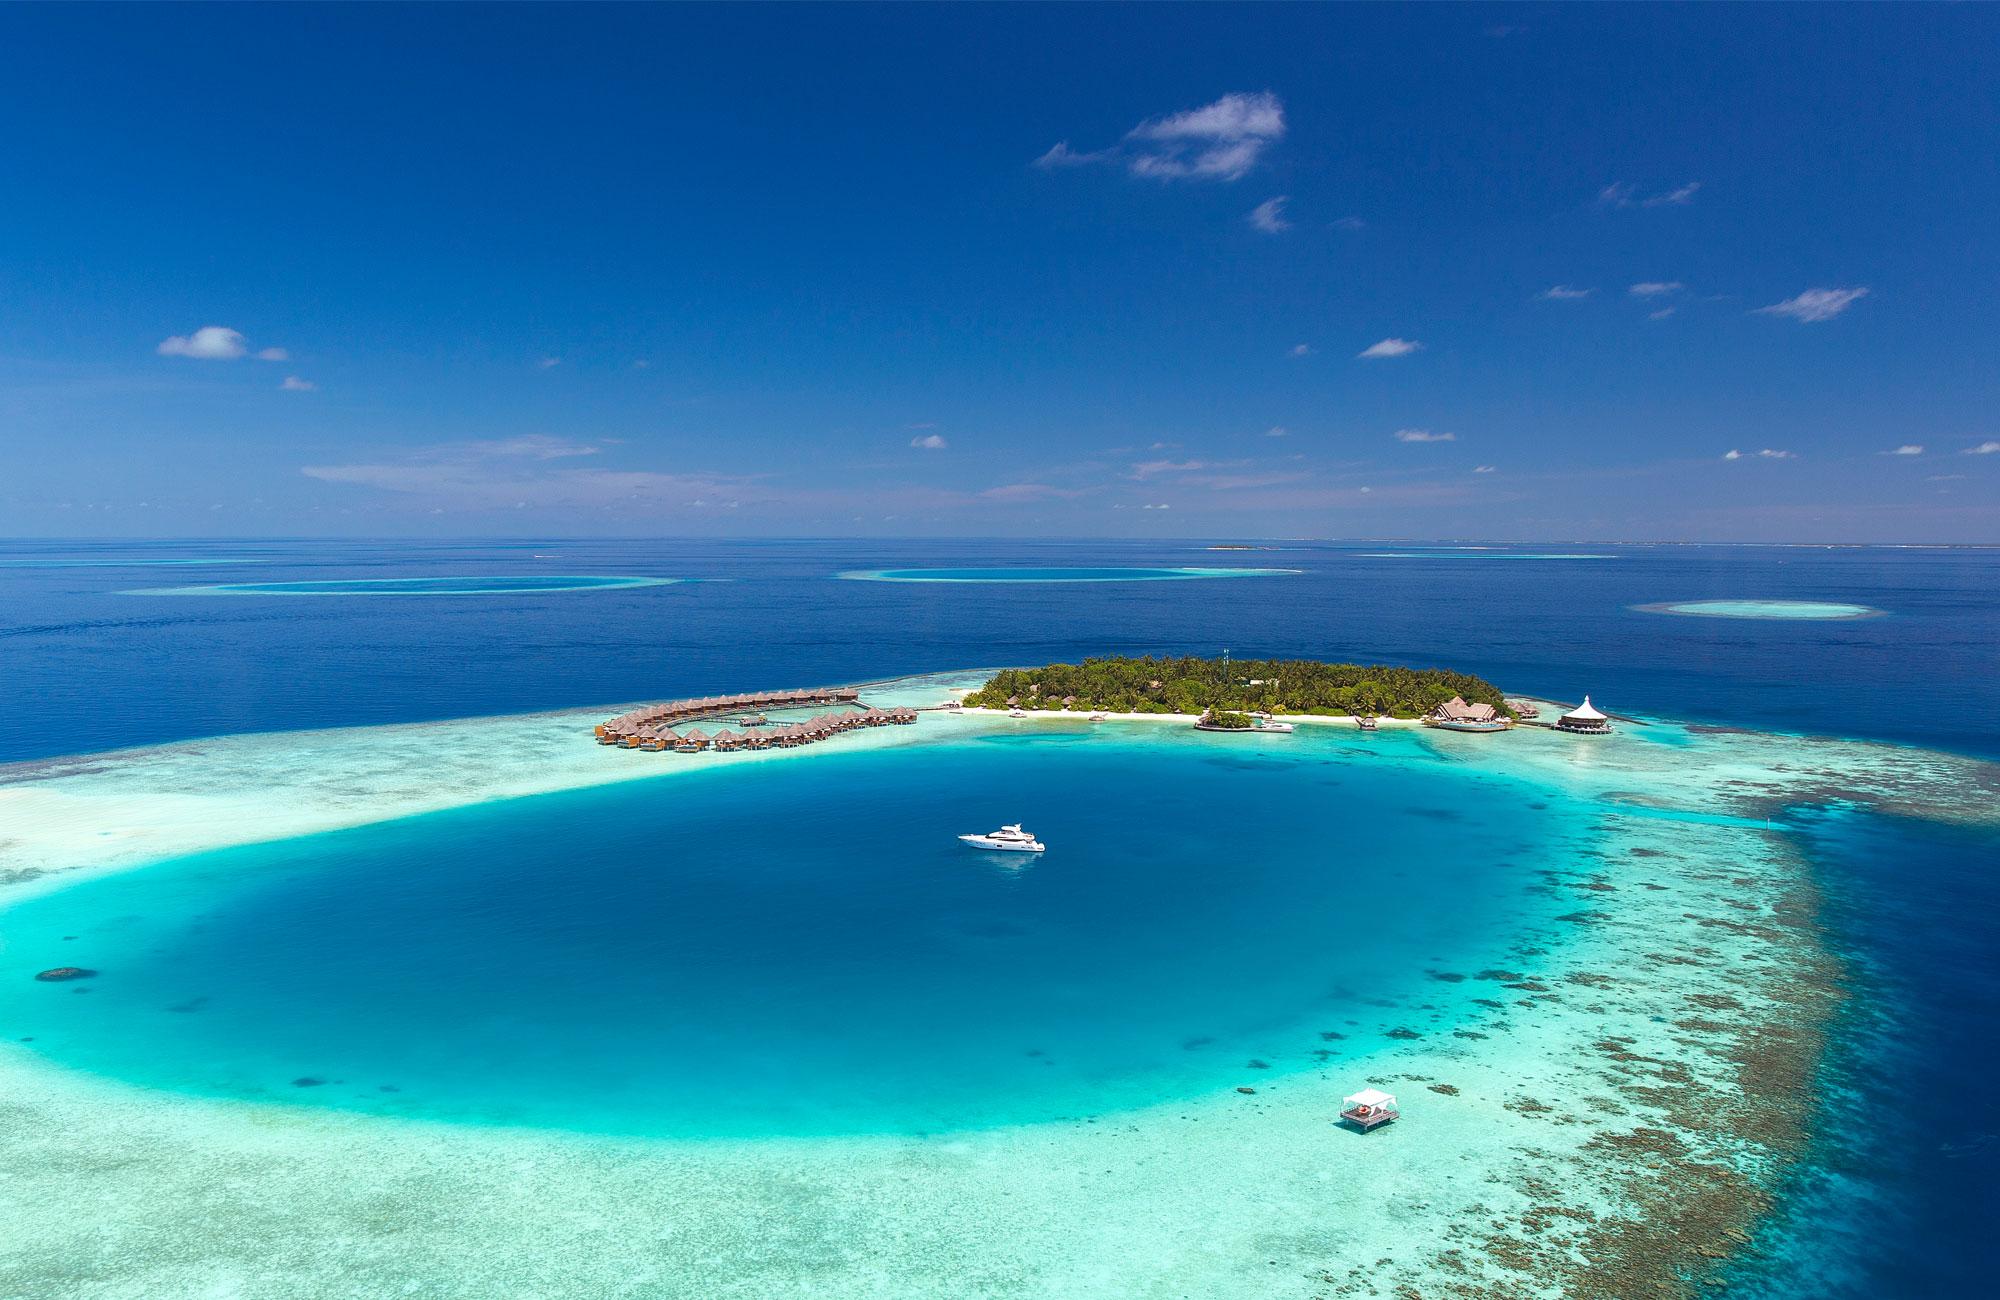 Baros Maldives Image